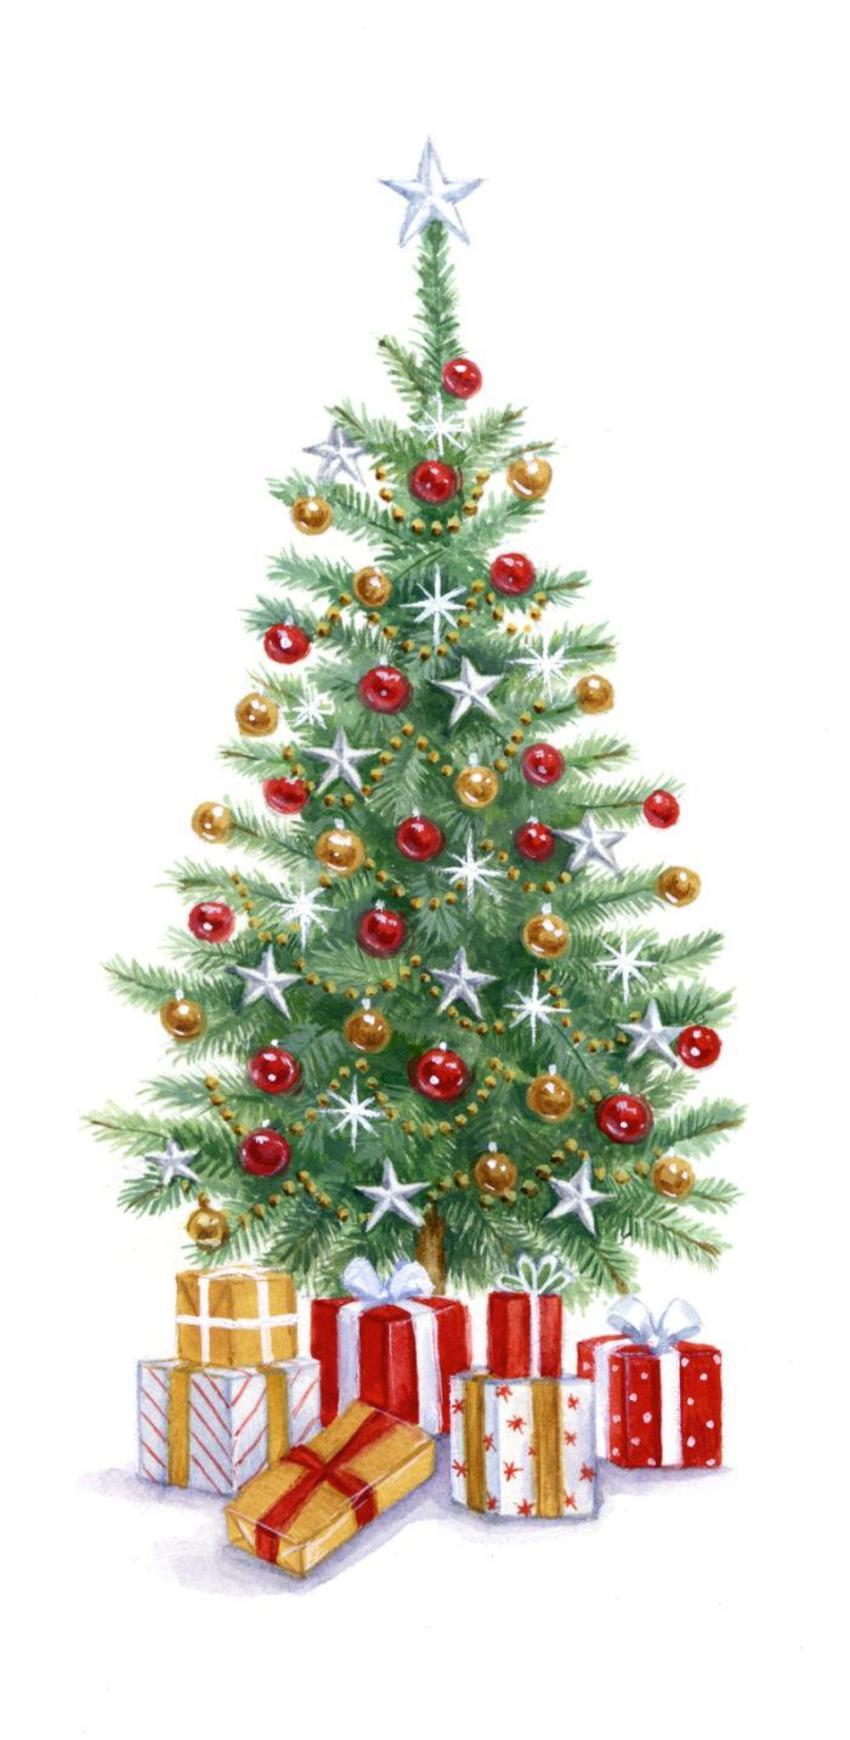 La-tree-aw-1-15